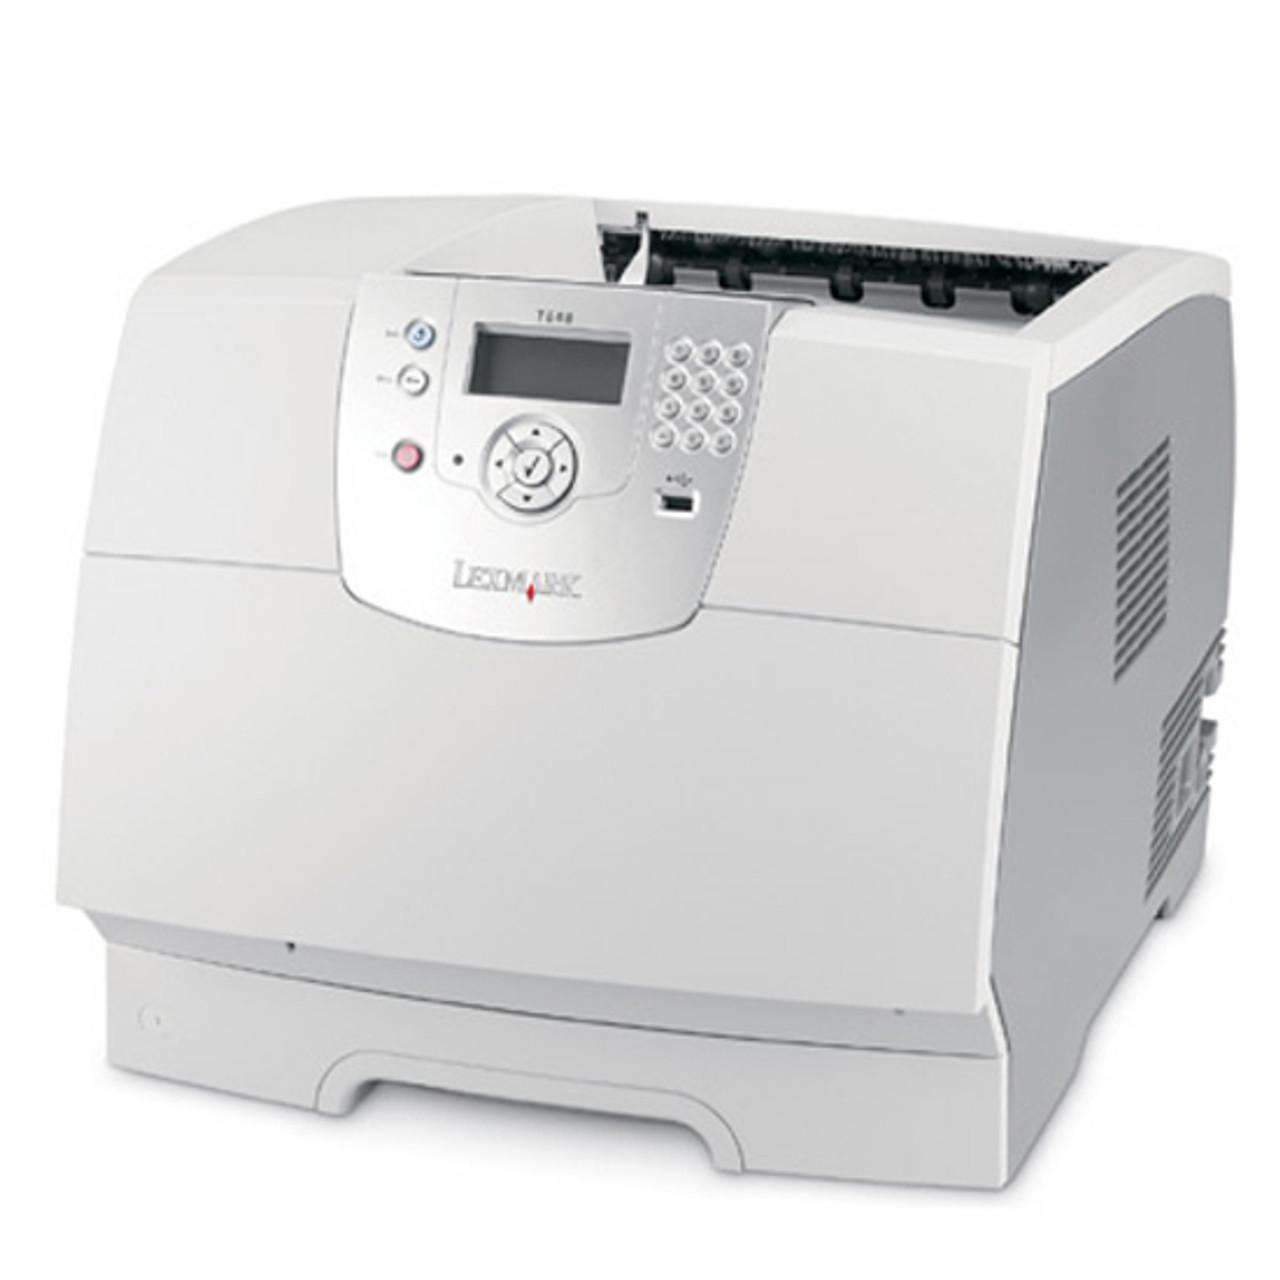 Lexmark T640 - 20G0150 - Lexmark Laser Printer for sale